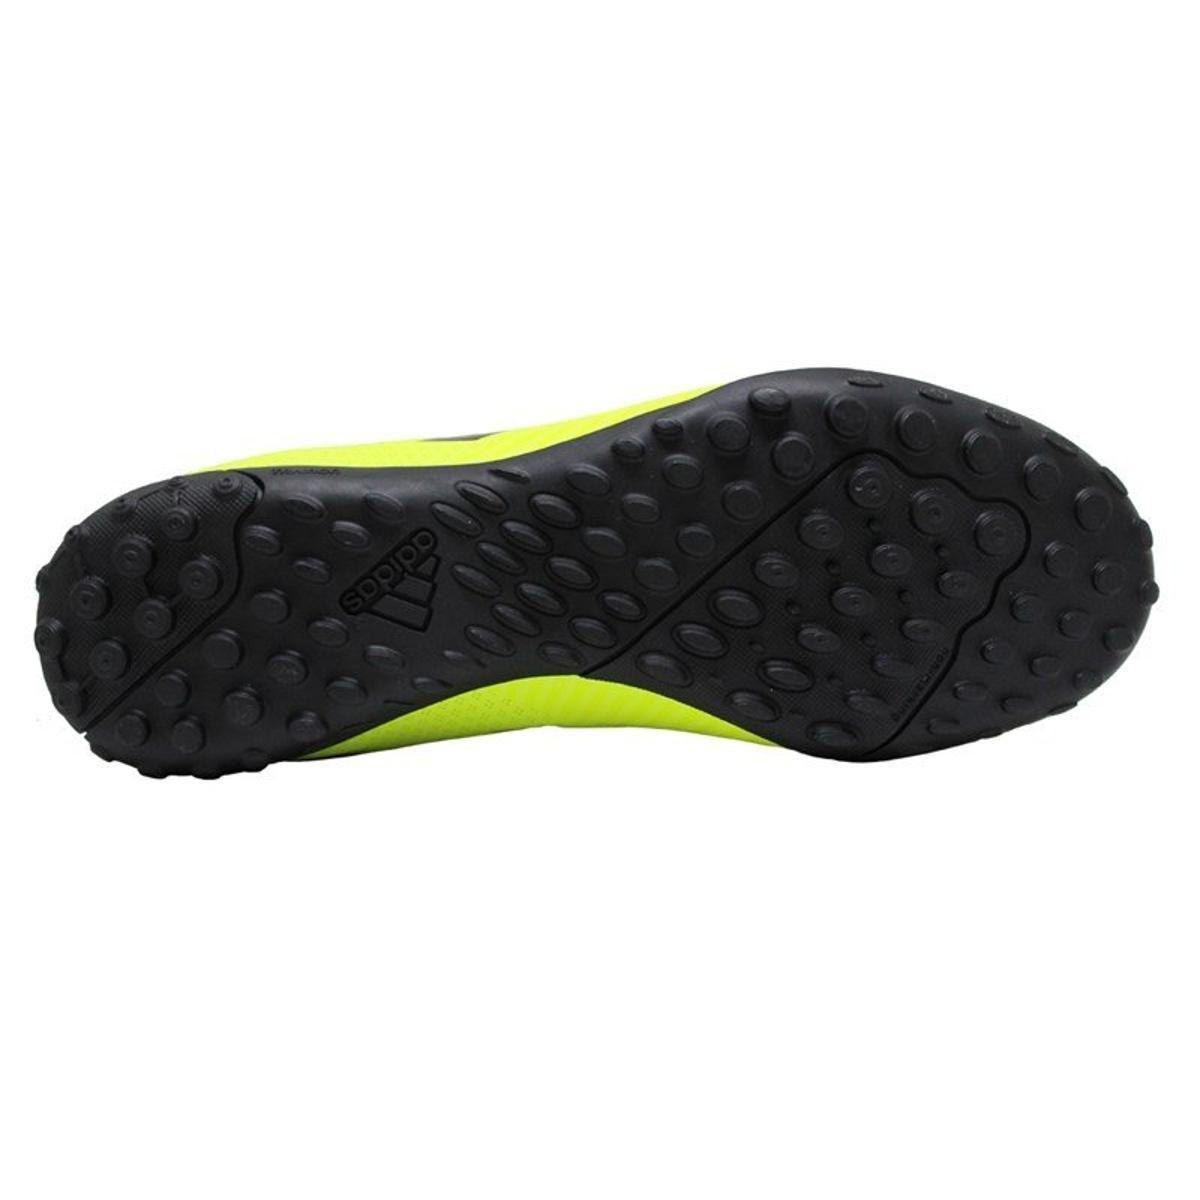 040d40ff7fe77 Chuteira Society Adidas Artilheira III TF - Verde Limão/Preto R$ 219,90 à  vista. Adicionar à sacola